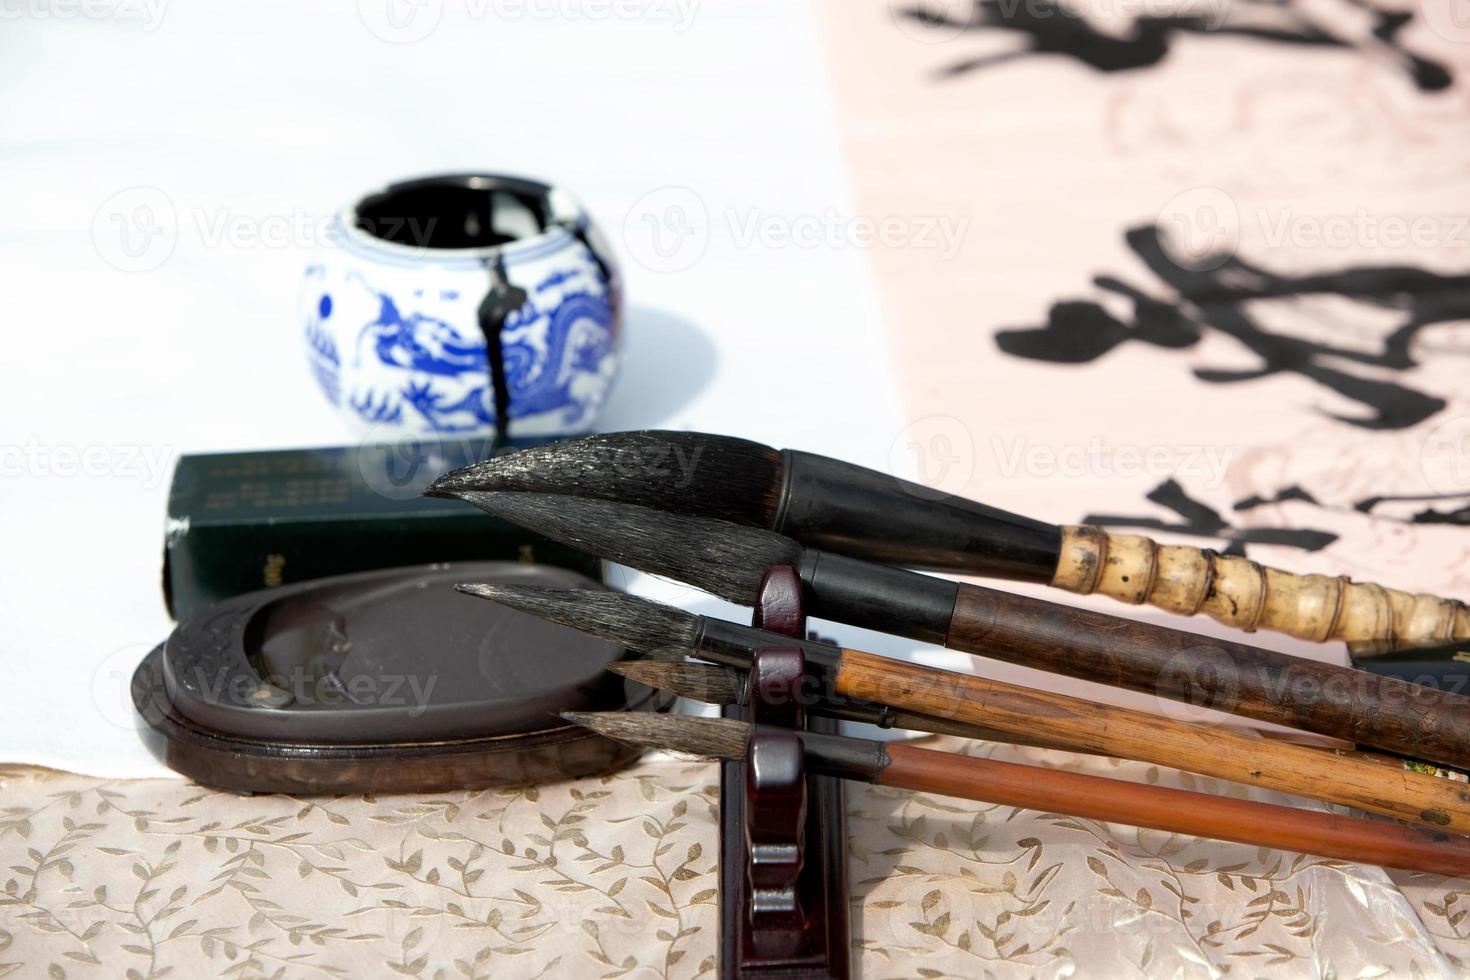 Chinesisch vier Schätze der Studie foto